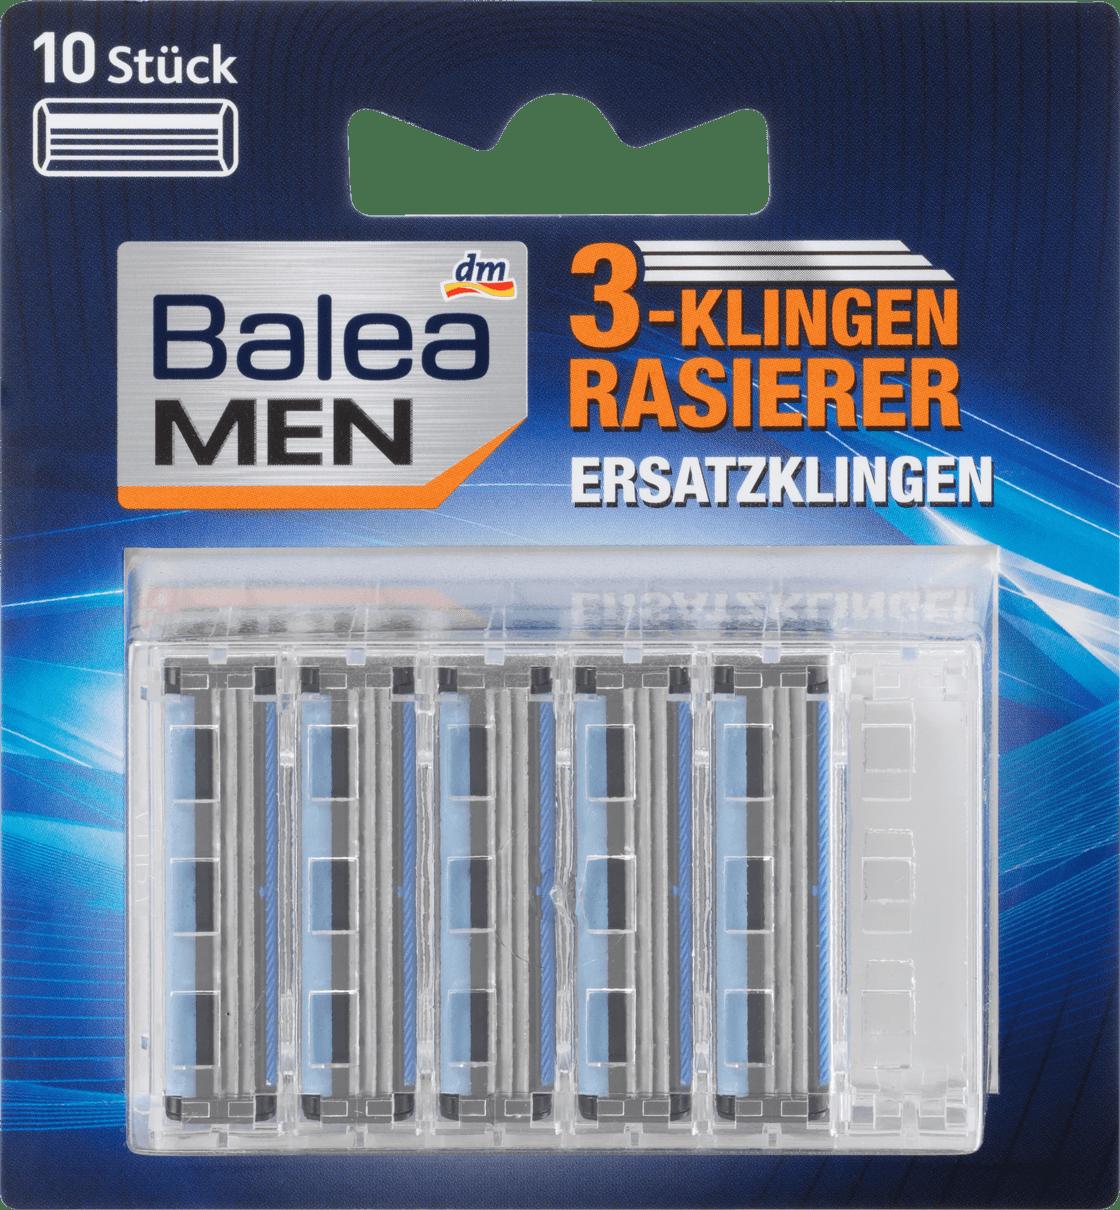 Сменные лезвия для станка Balea men 3-Klingen Rasierklingen, 10 шт.